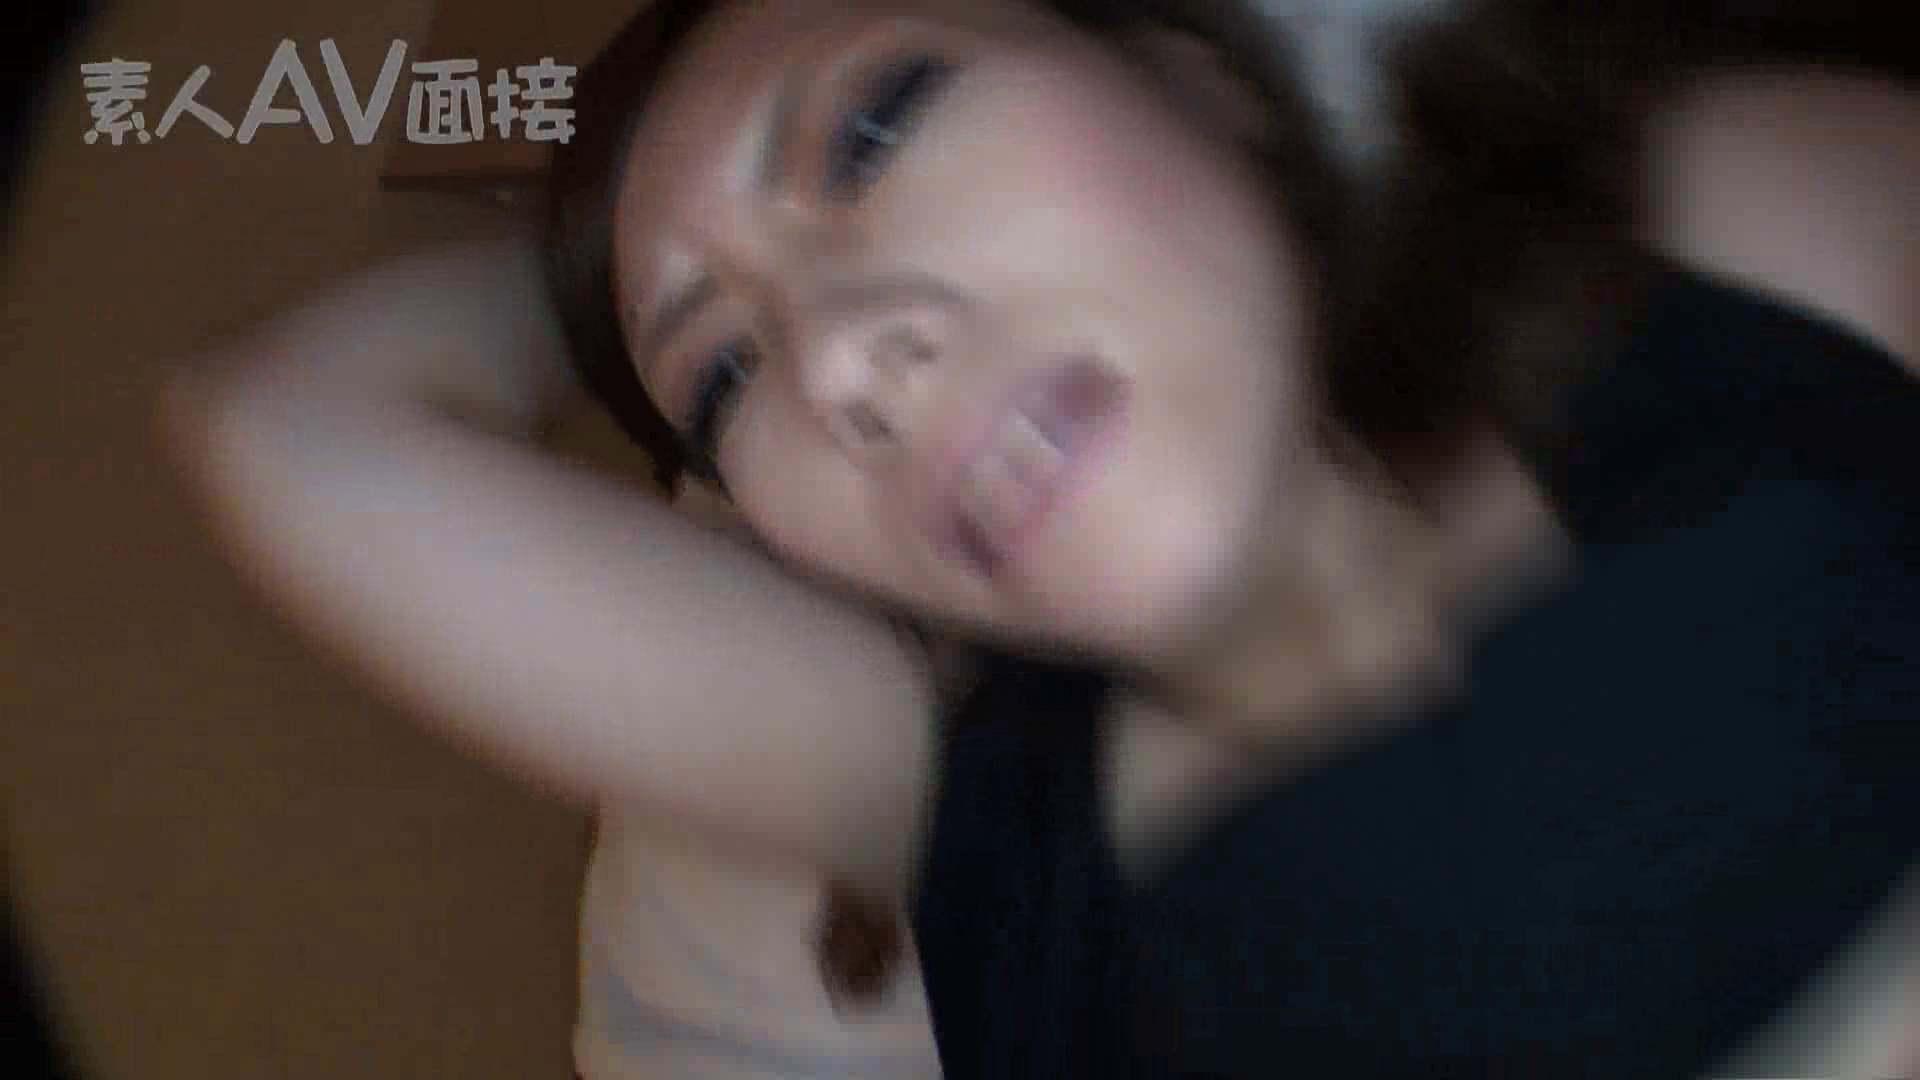 素人嬢がAV面接にやって来た。 仮名ゆみvol.3 いやらしい悶え声 オマンコ無修正動画無料 102pic 94